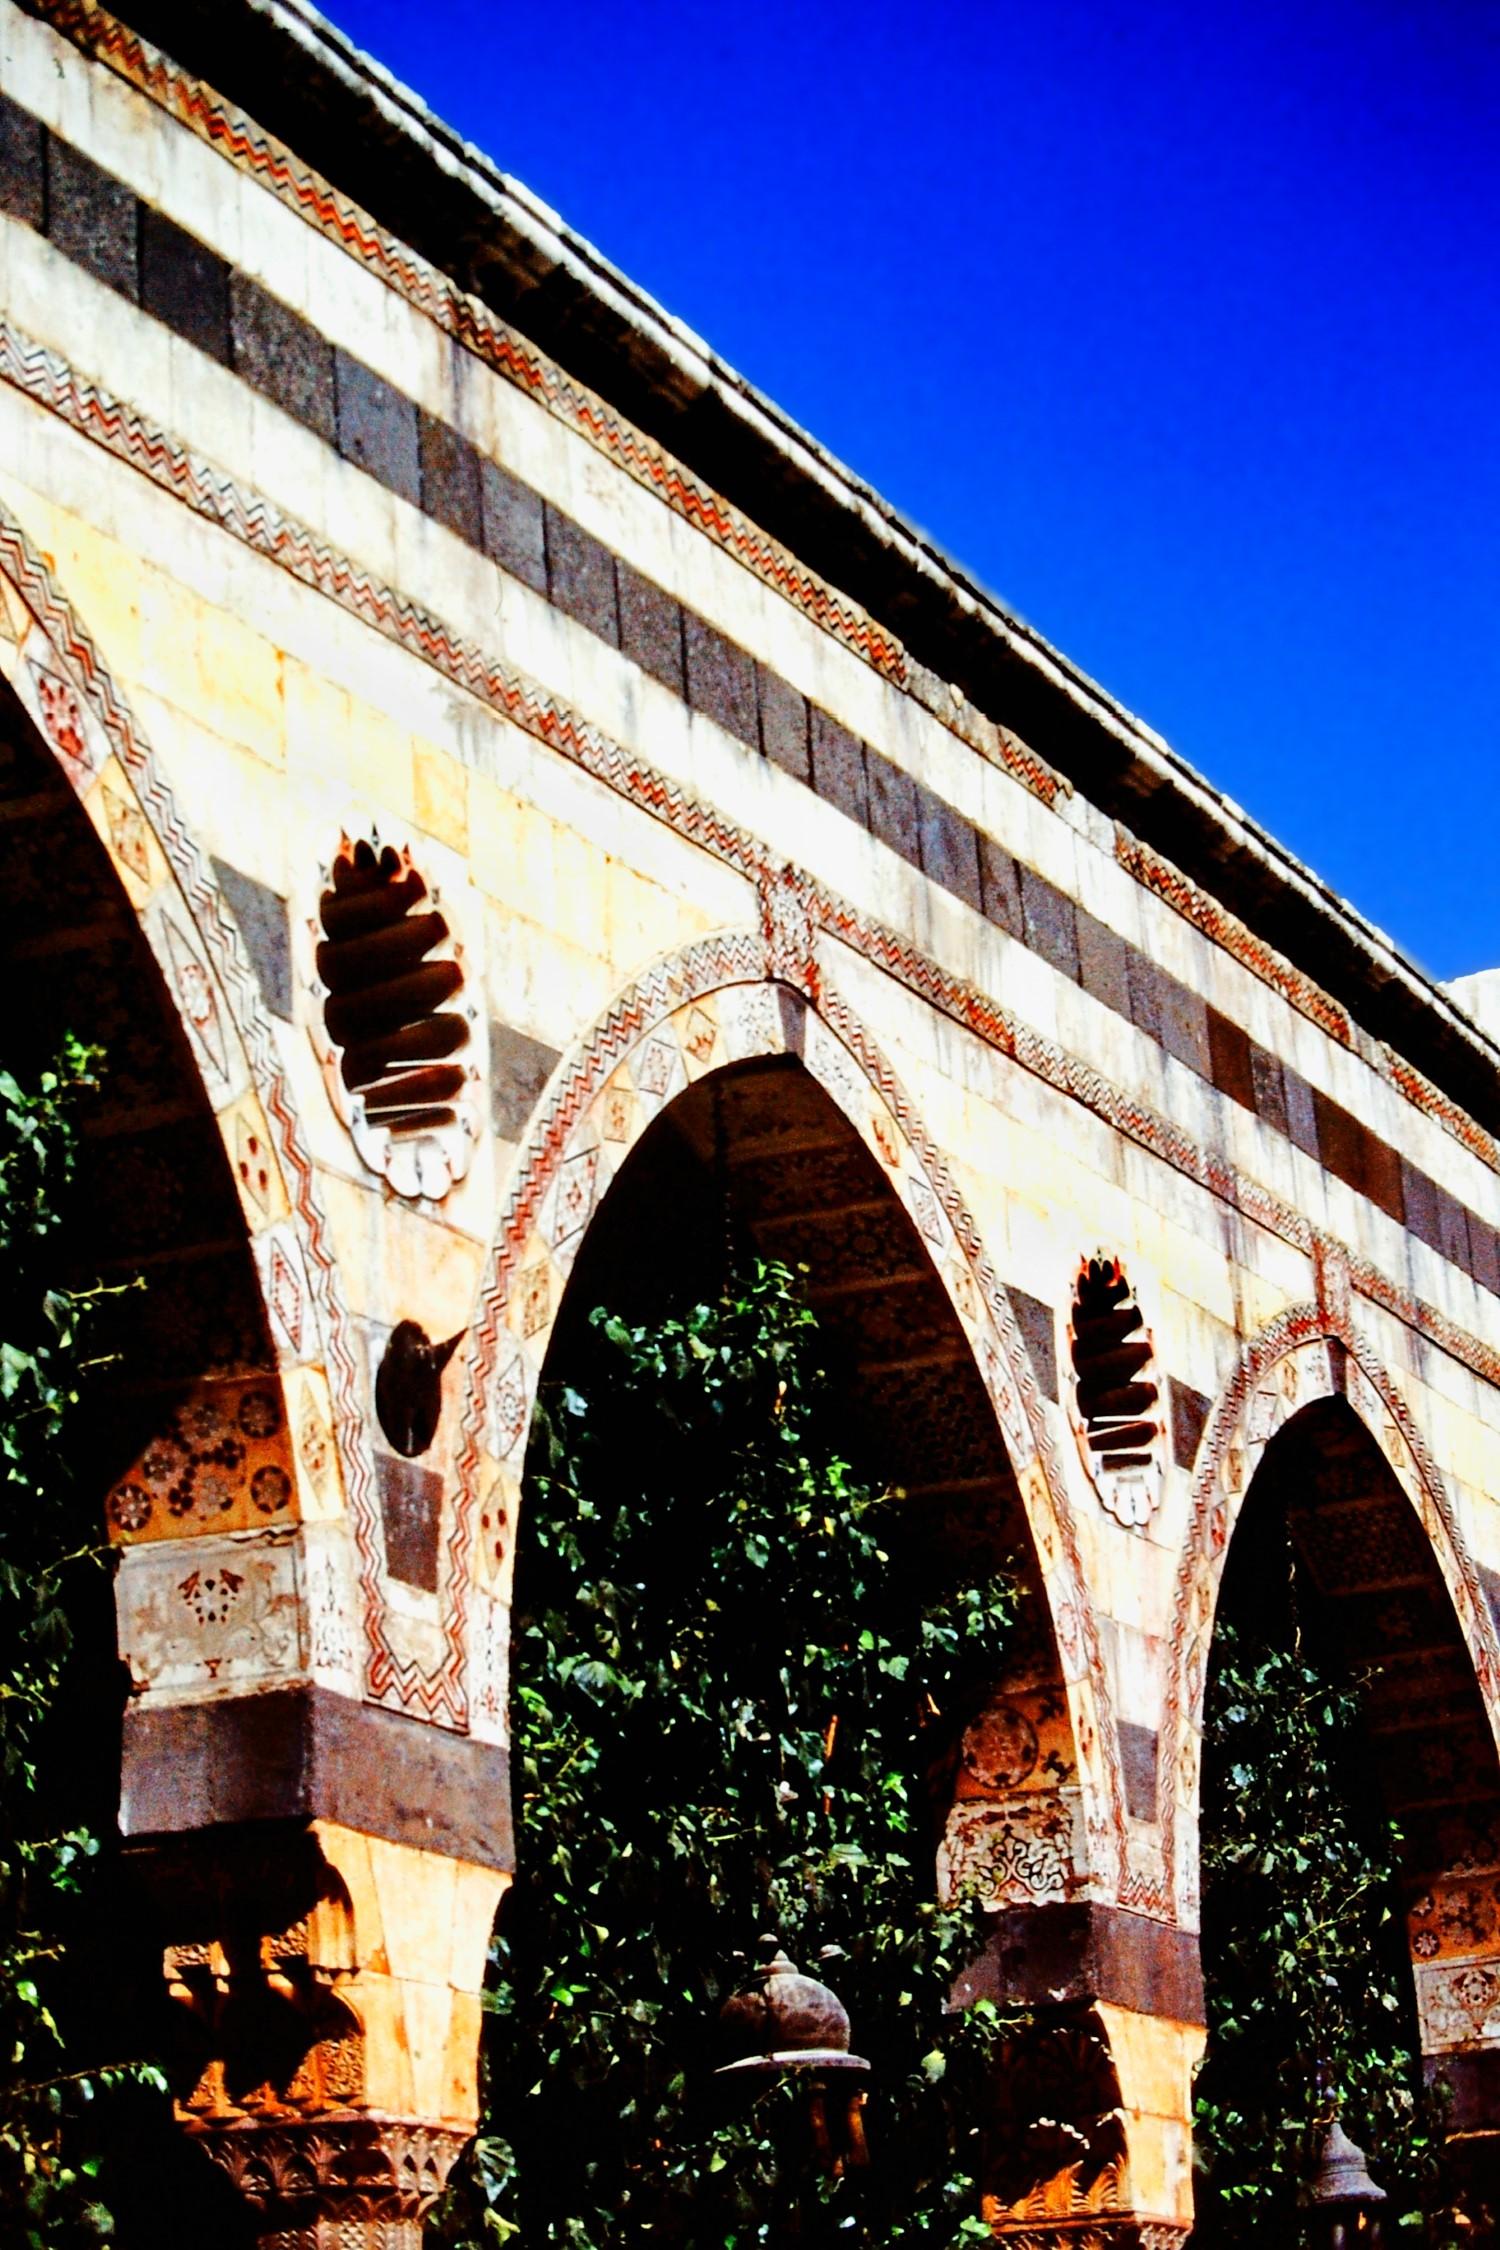 Ornamental stone arches